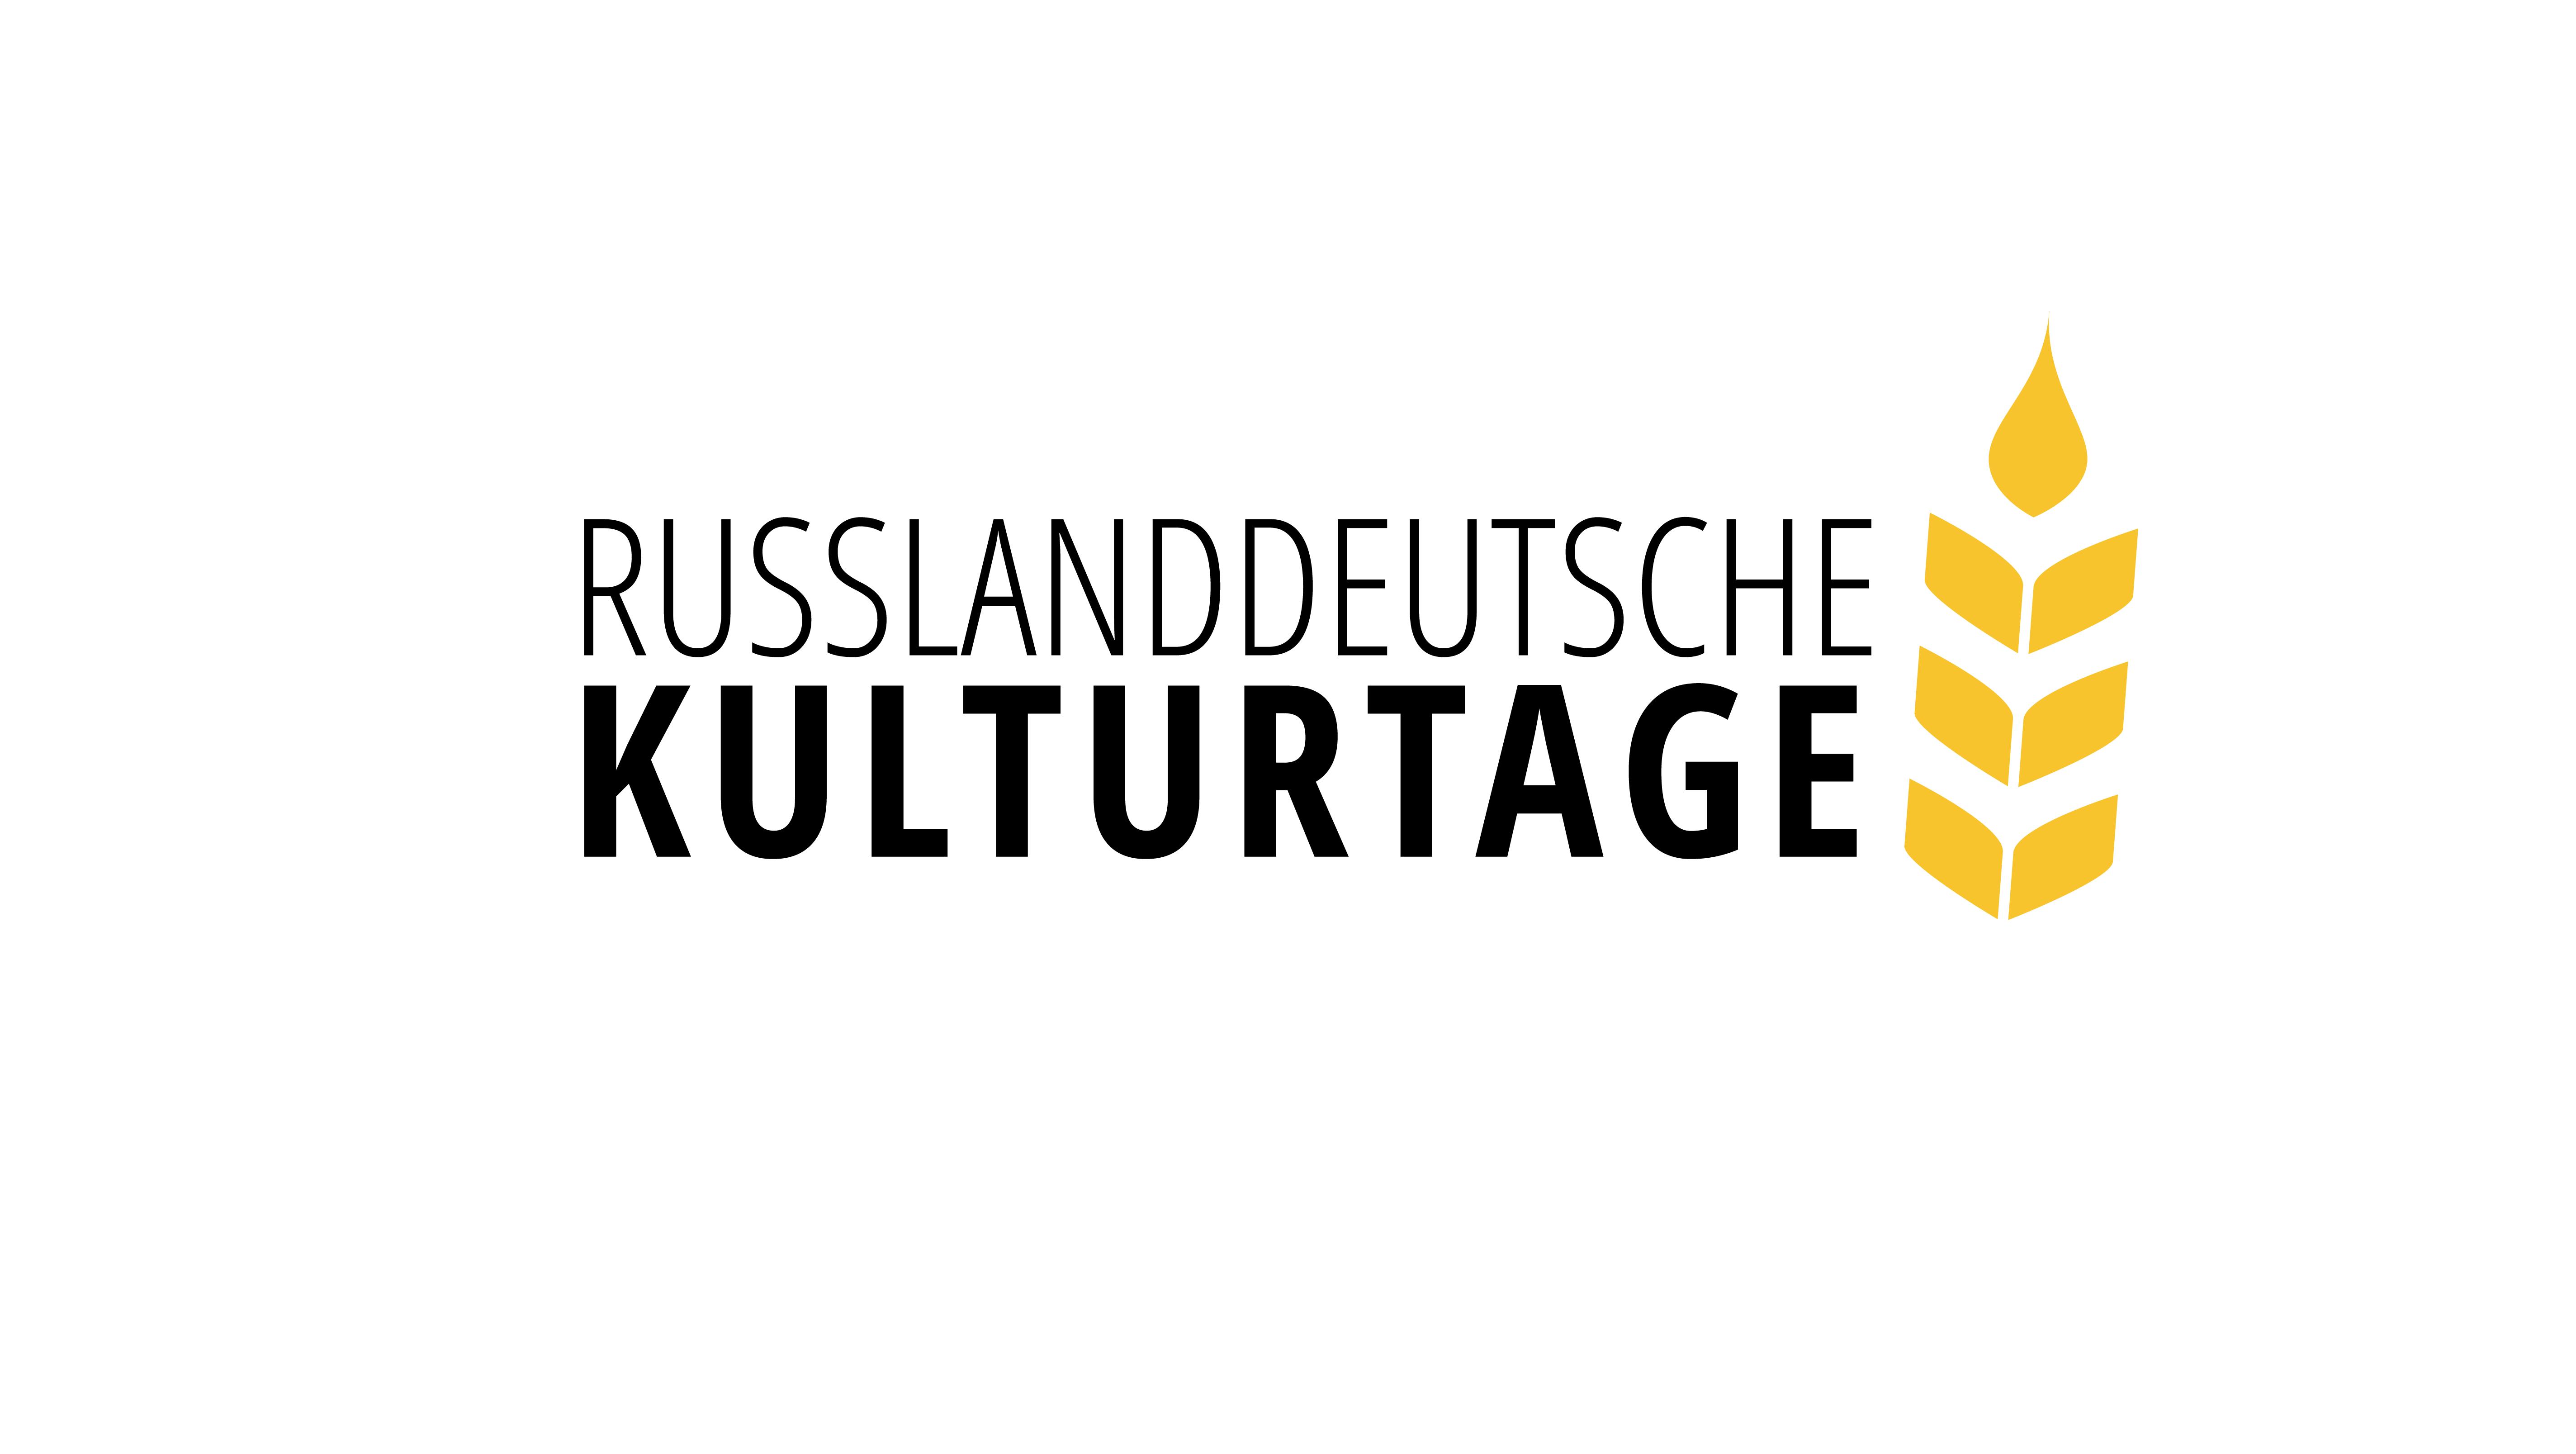 Russlanddeutsche Kulturtage LmDR NRW